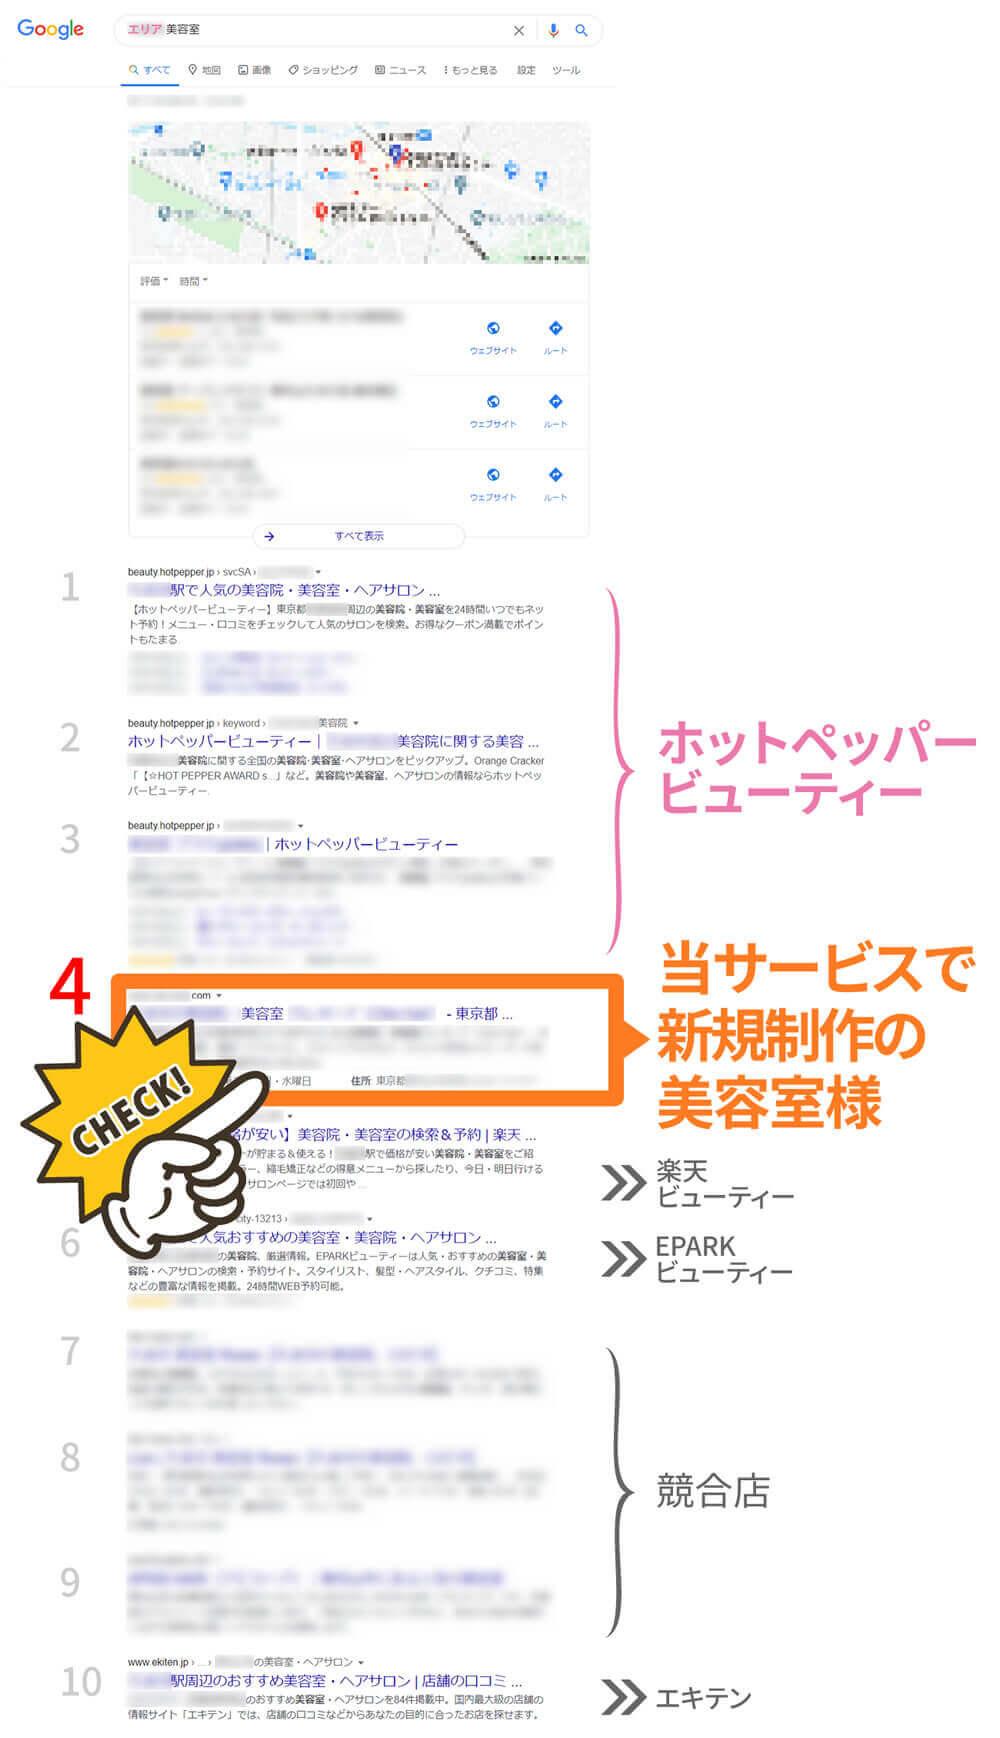 美容室様事例2(新規)検索結果でホットペッパービューティーの次に表示